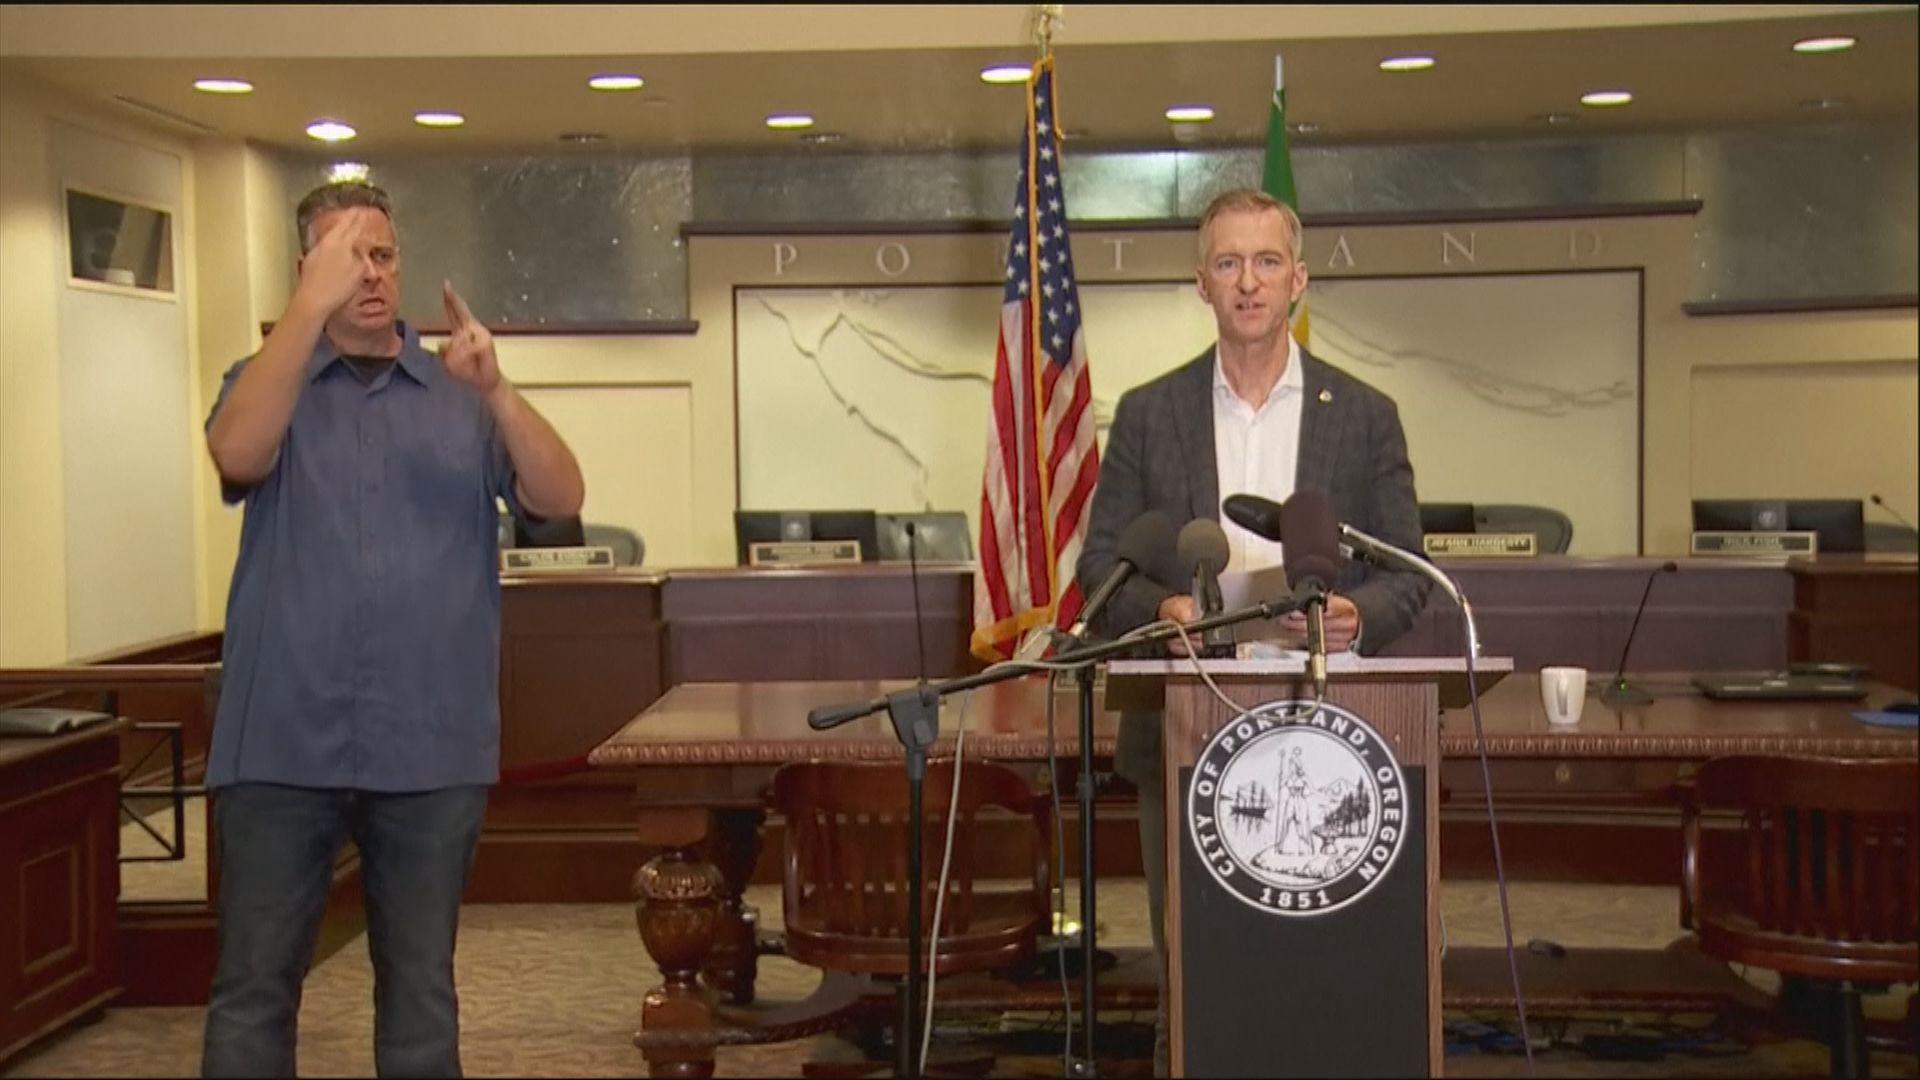 美國波特蘭市市長及拜登齊聲批評特朗普縱容暴力